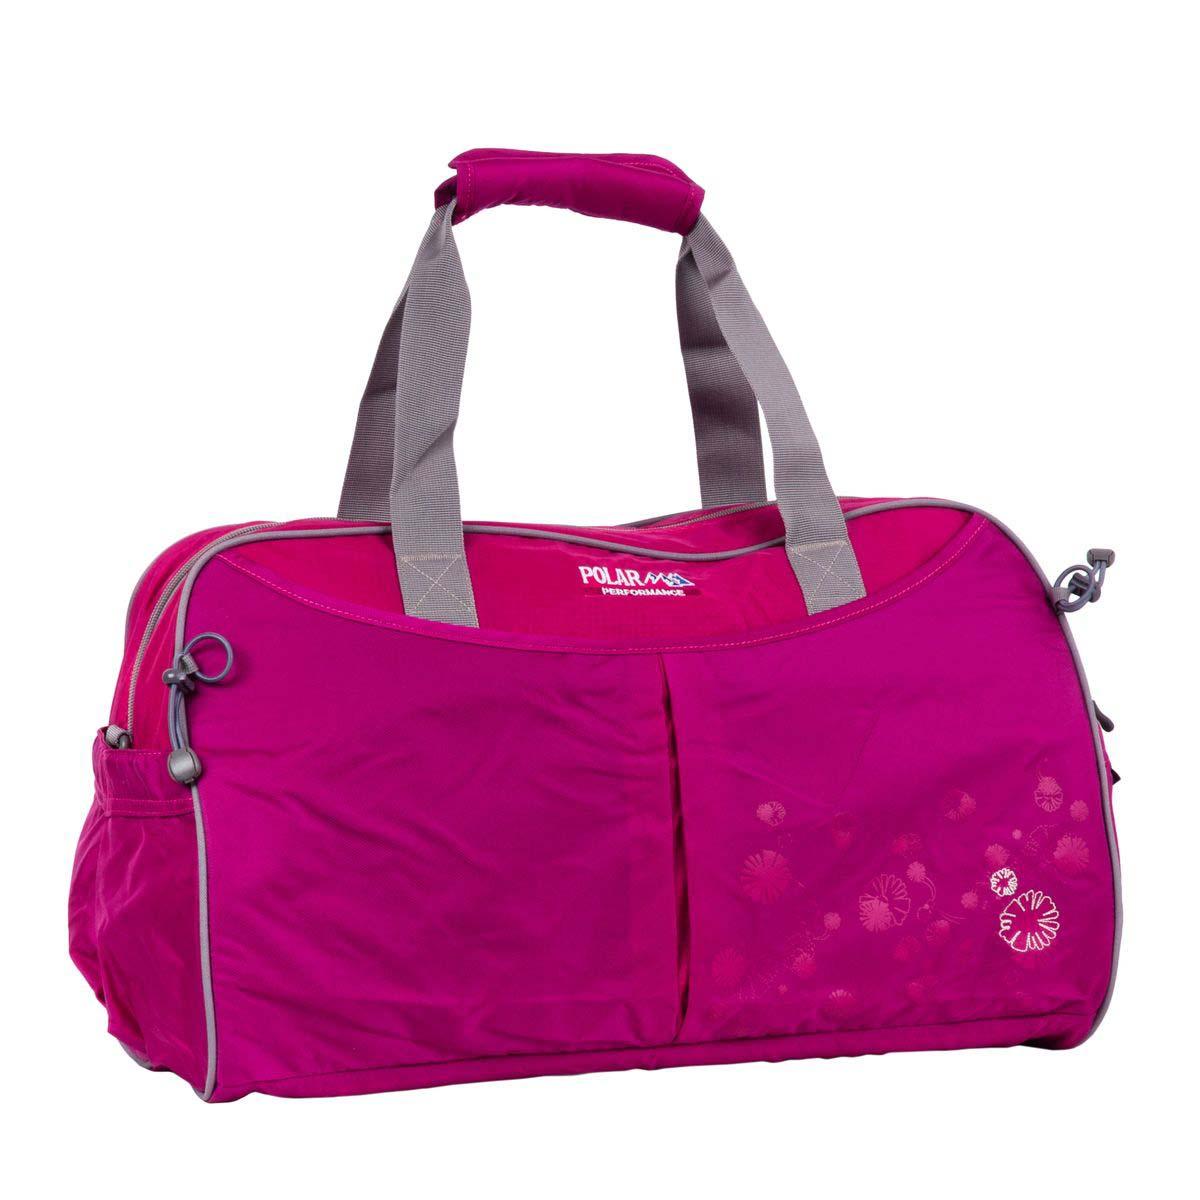 Сумка спортивная Polar, 36 л, цвет: розовый. П2053-29П2053-29Спортивная сумка Polar. Одно основное отделение. Внутри карман на молнии, открытый кармашек на липучке, держатель для бутылочки с водой. Снаружи- карман на молнии спереди сумки. Имеется плечевой ремень.